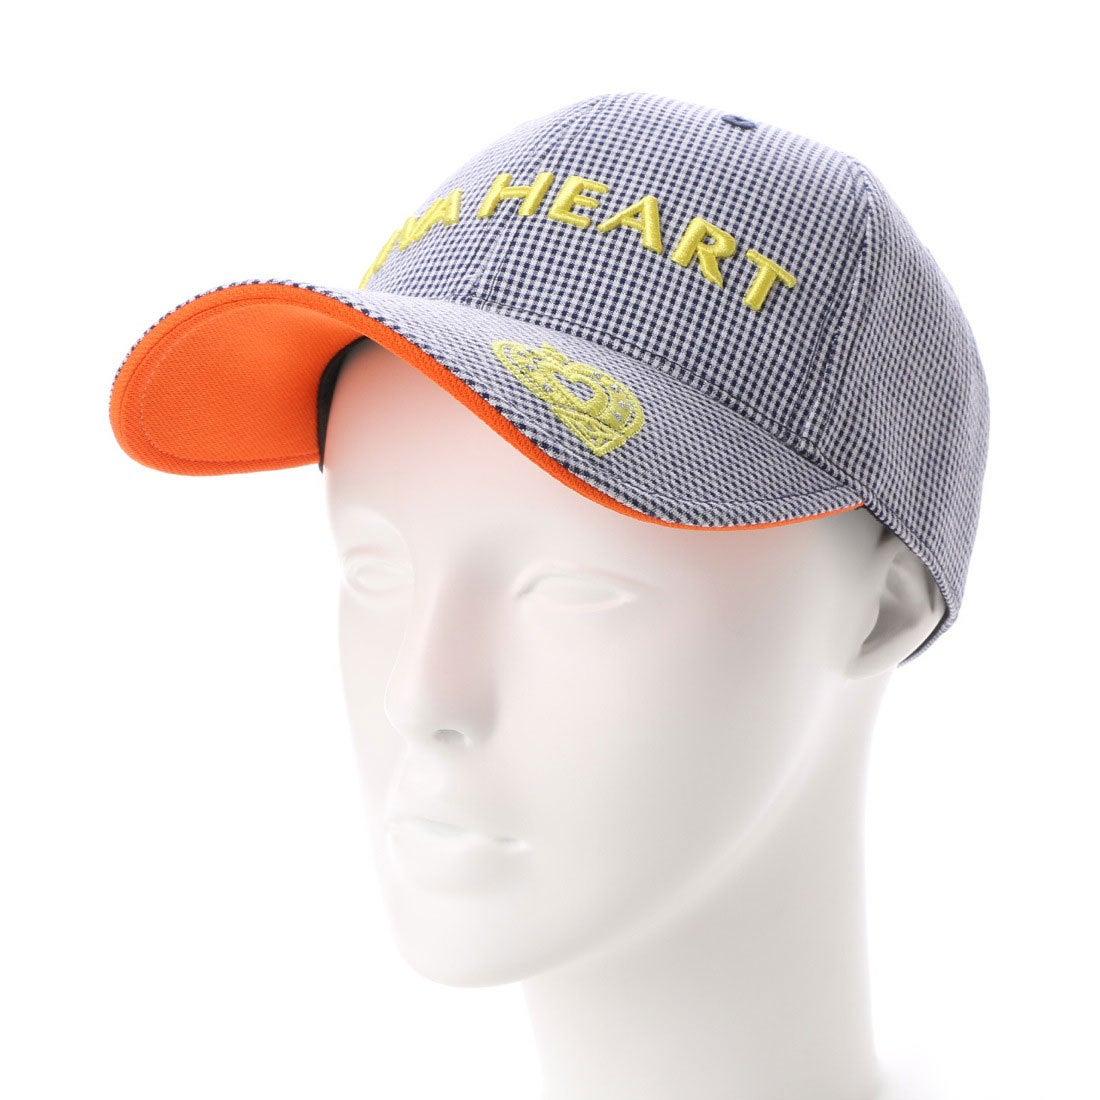 ビバハート VIVA HEART ゴルフキャップ VH 017-53316 CP (ネイビー) レディース